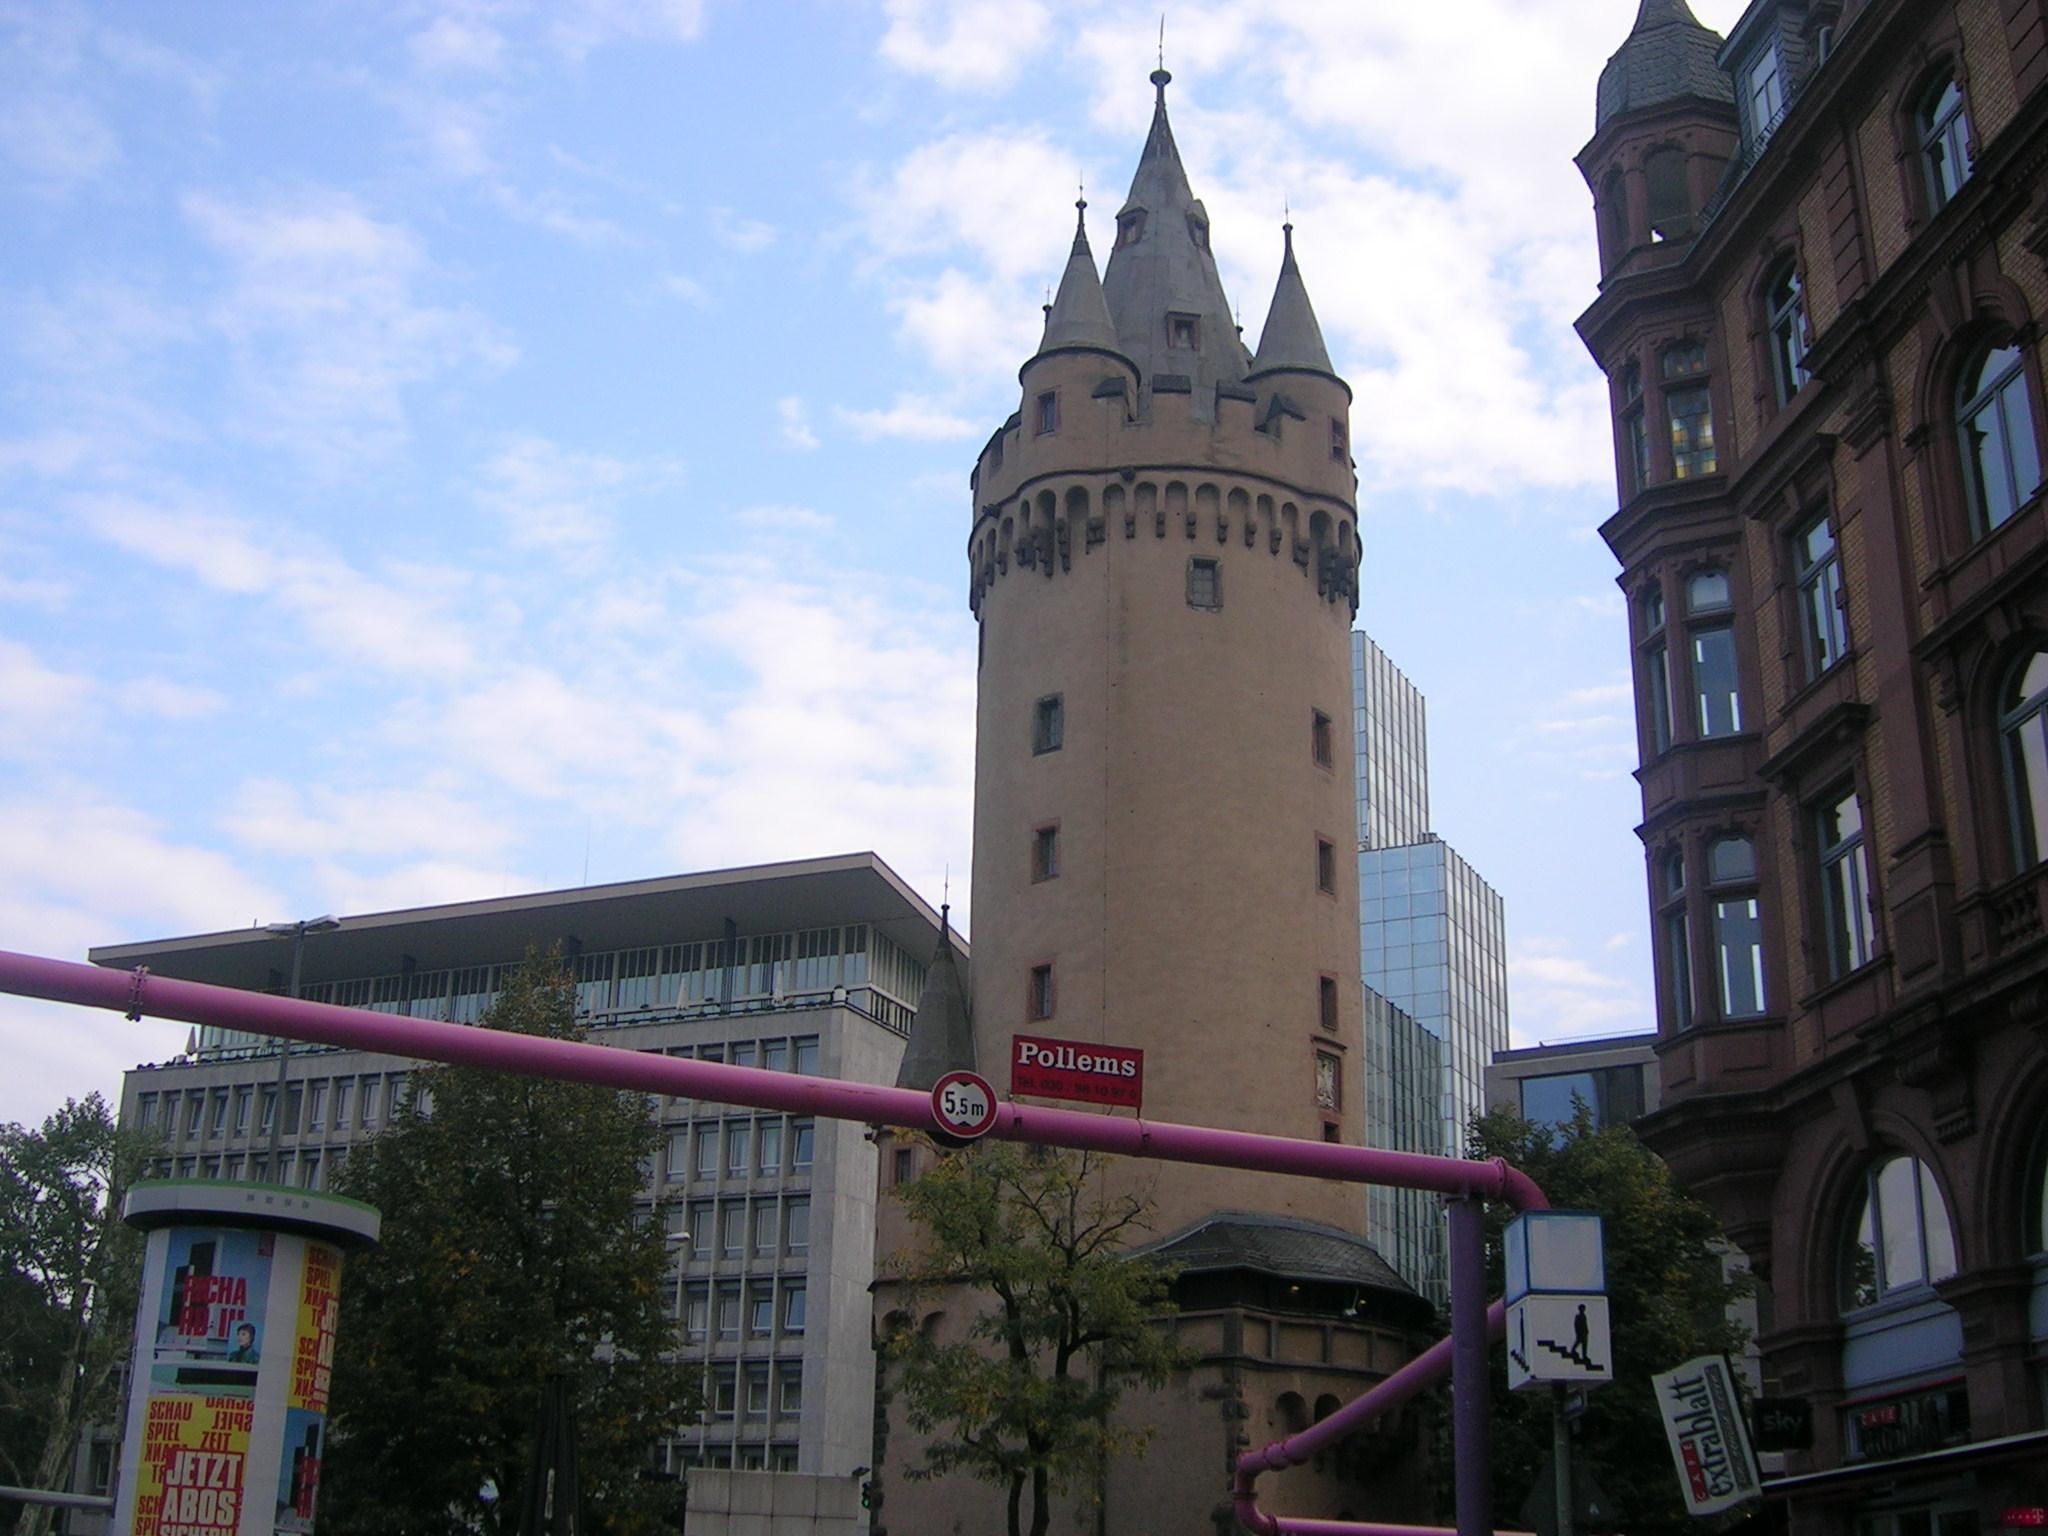 Der Eschenheimer Turm